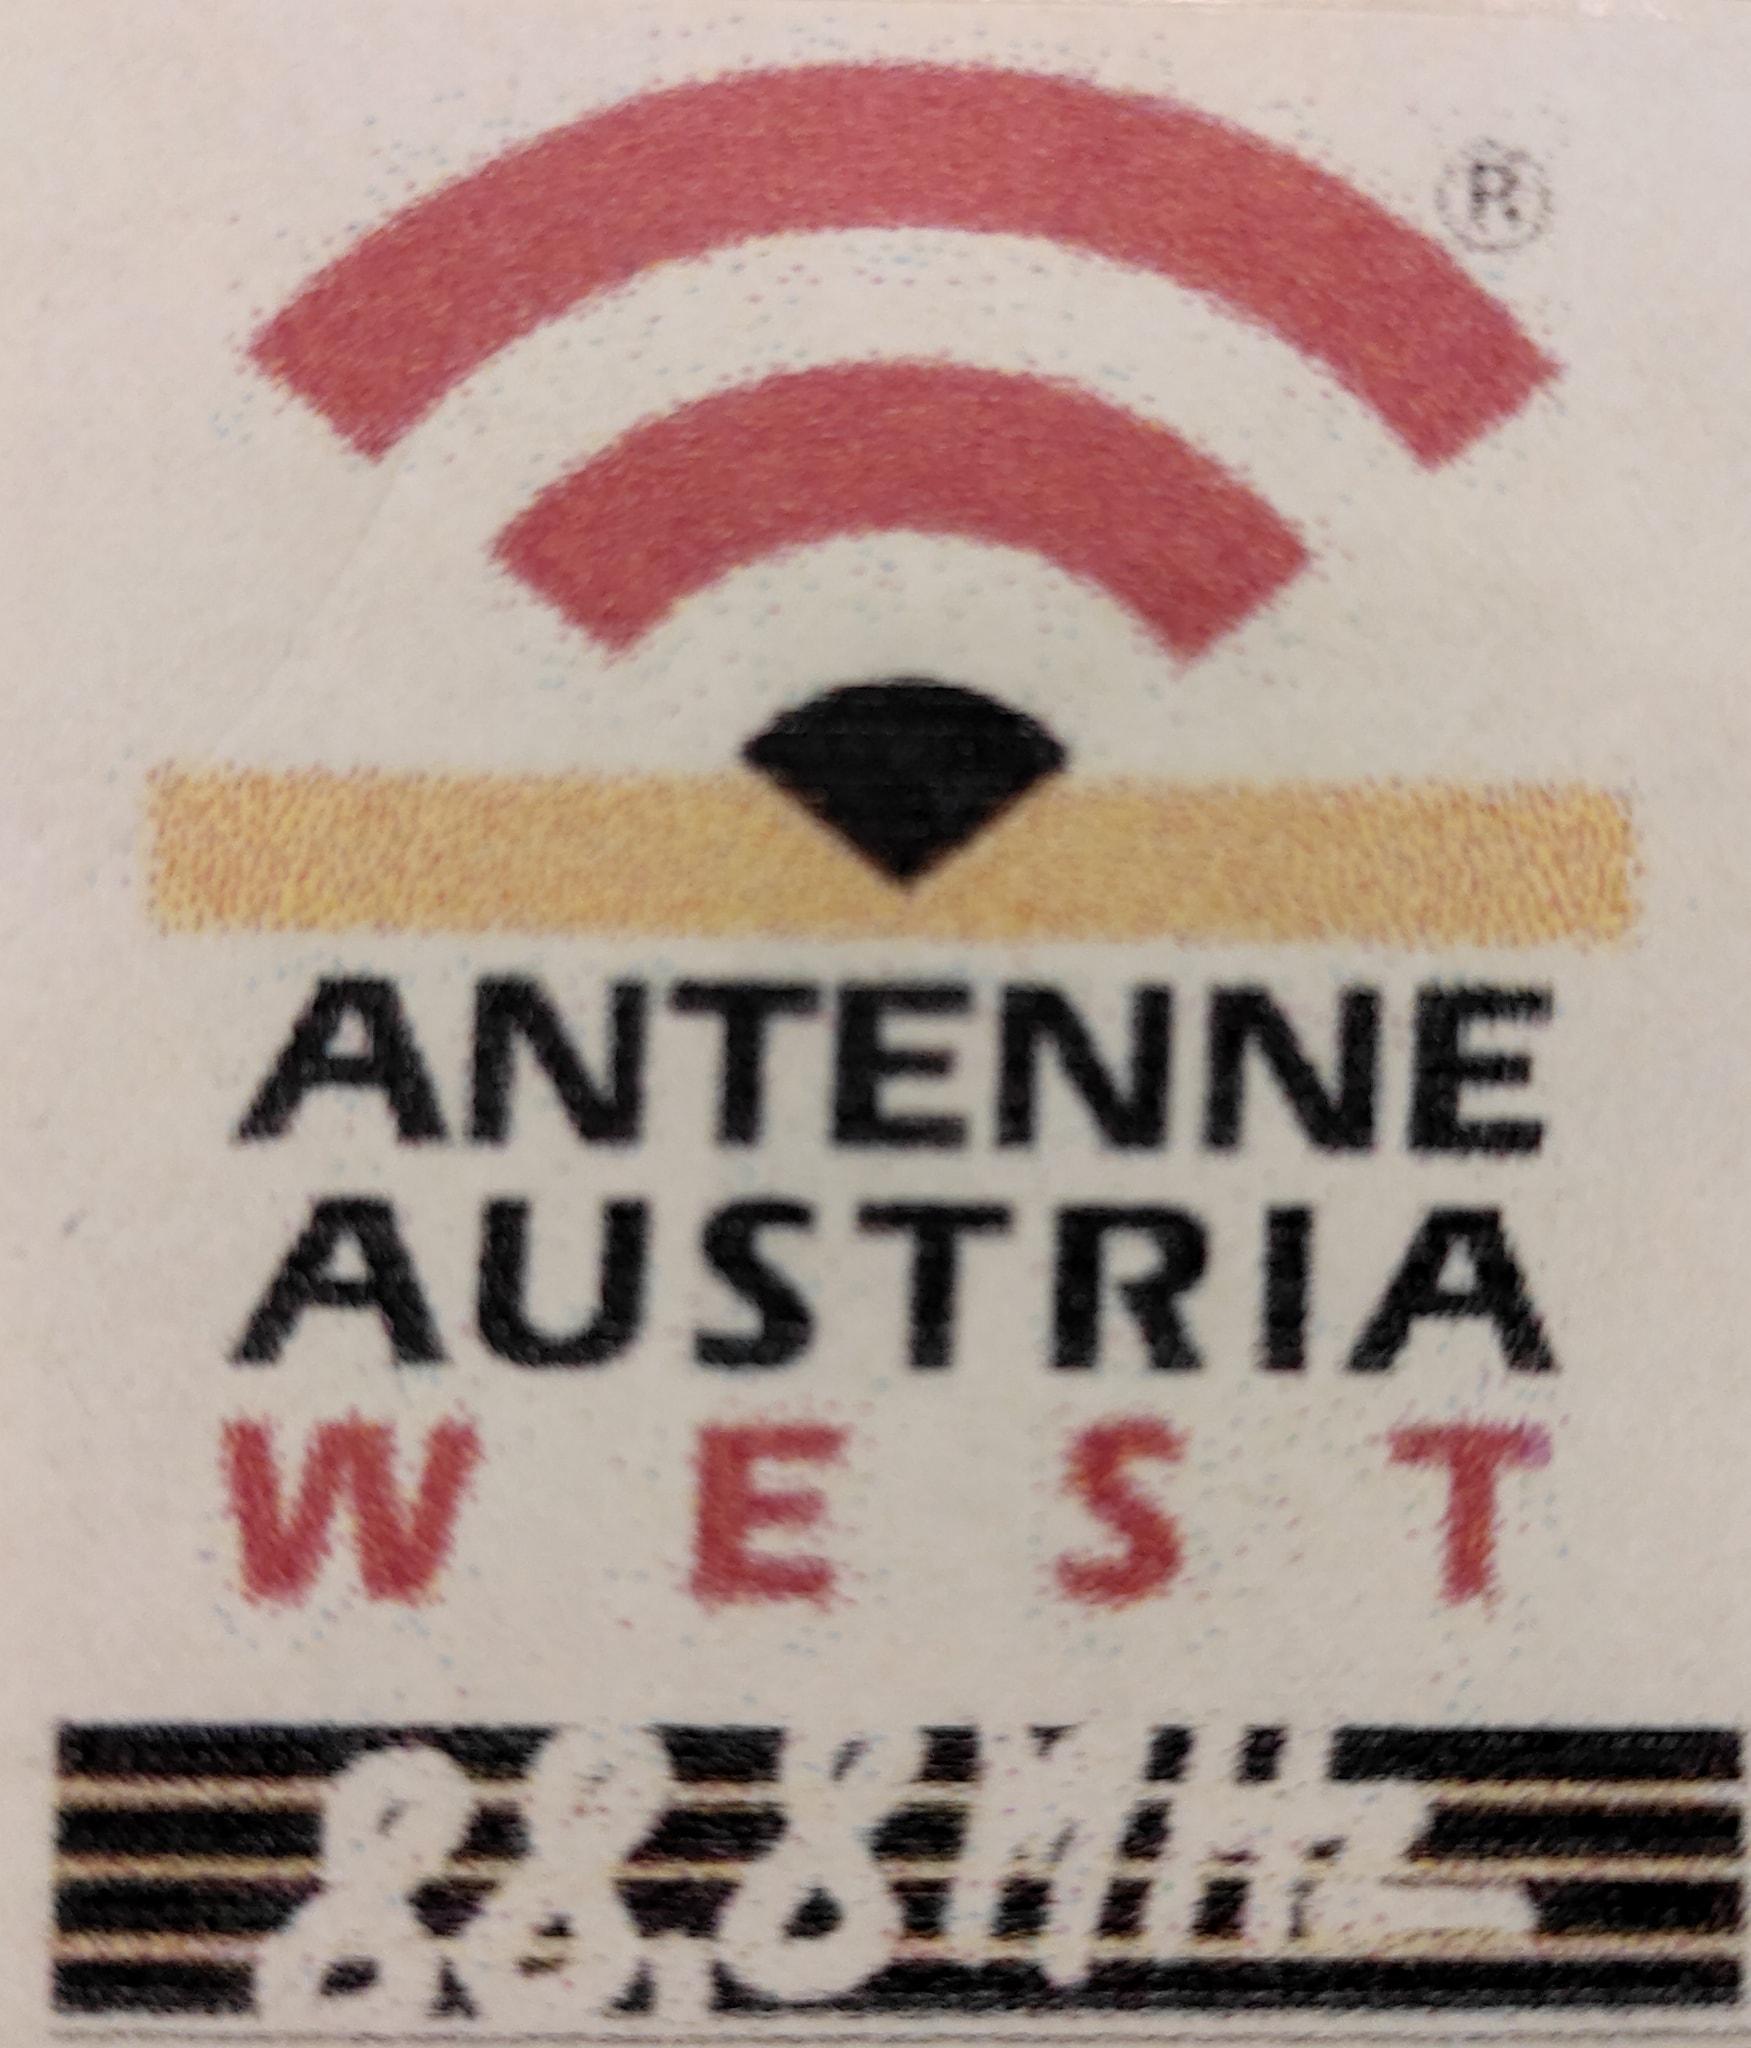 RTA Radio TransAlpin Antenna Austria West - Storia della radiotelevisione italiana. Bolzano, Radio TransAlpin: l'antenna più alta d'Europa con 400.000 W ERP per servire Austria e Germania dall'Italia